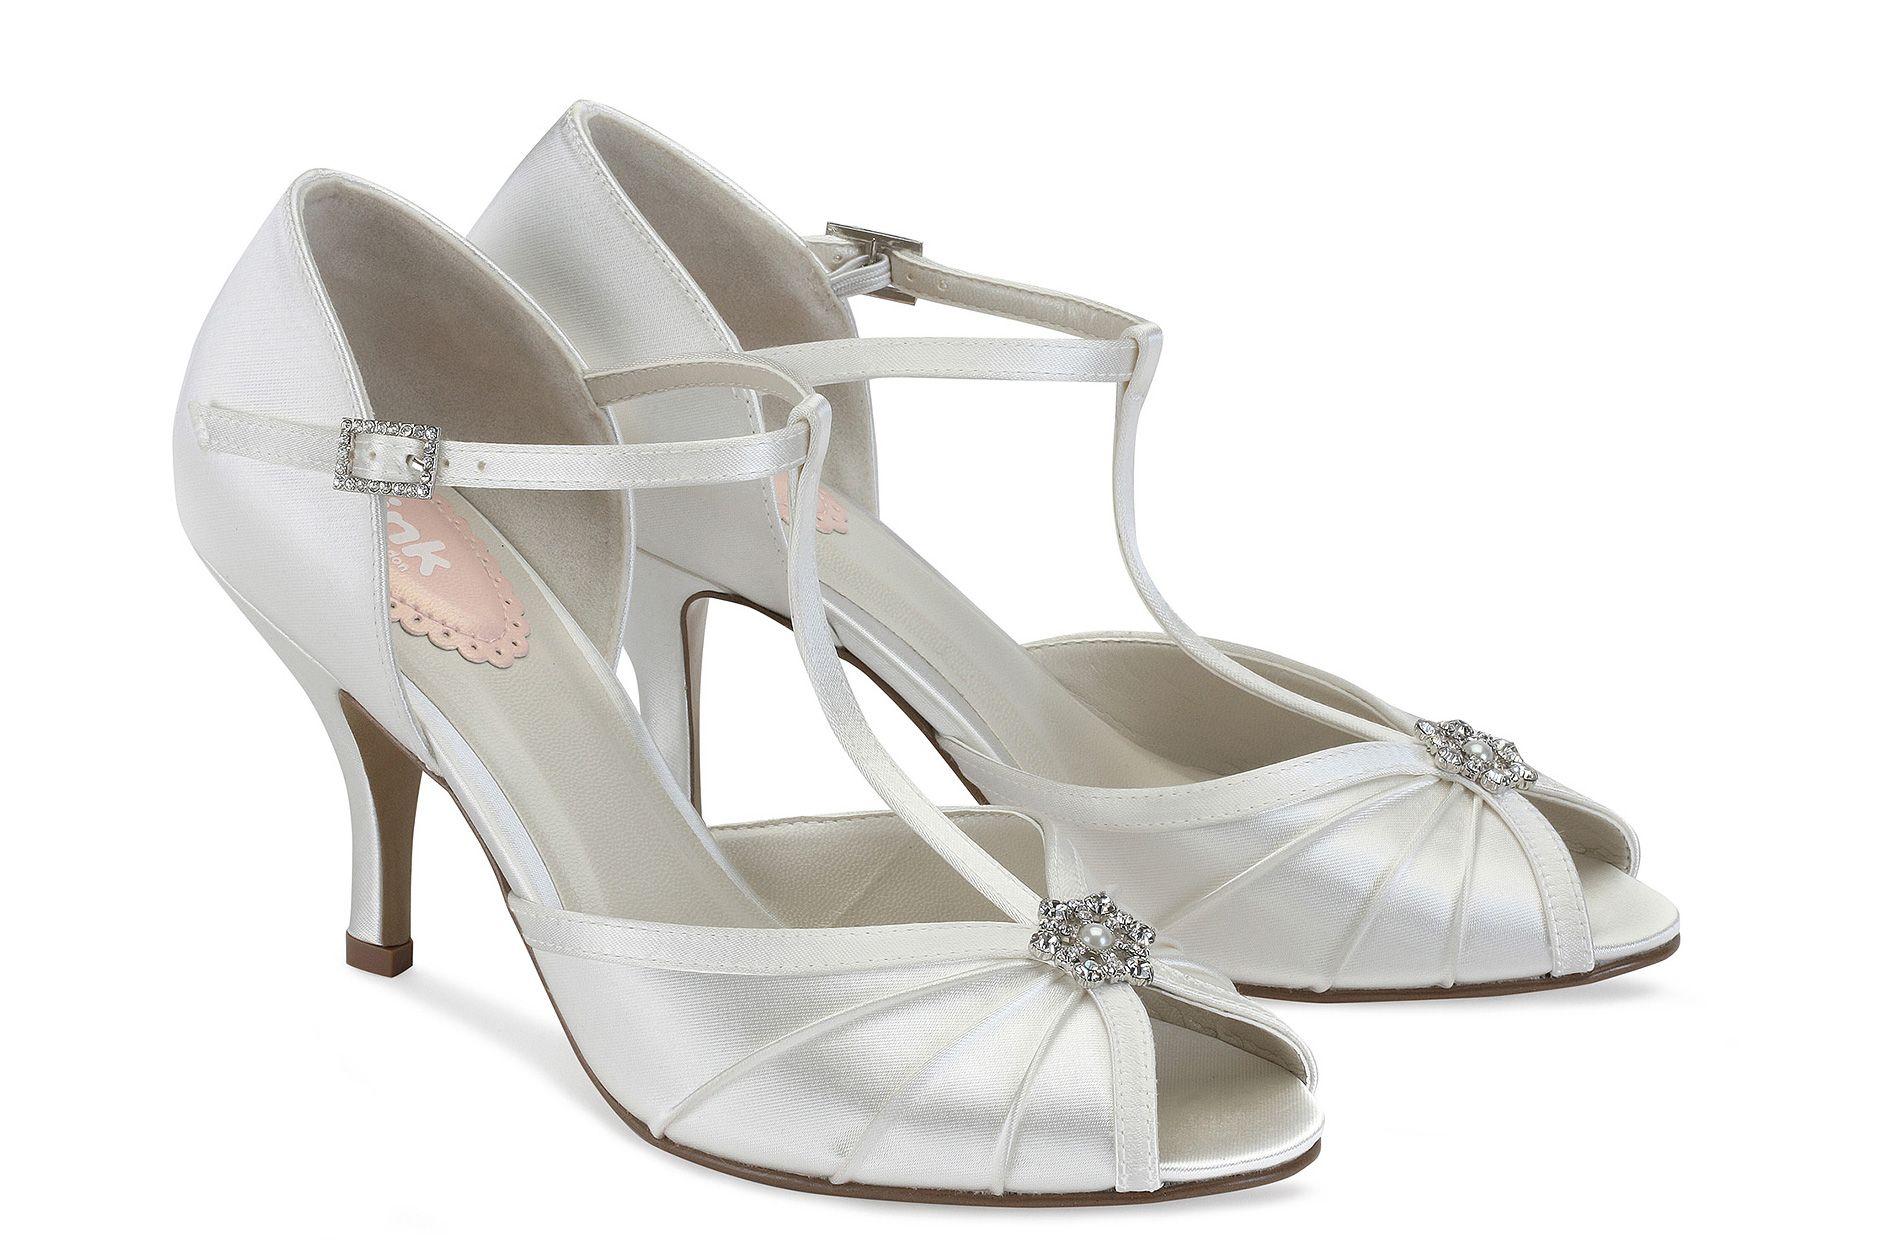 238e5763047 Perfume Wedding Shoes